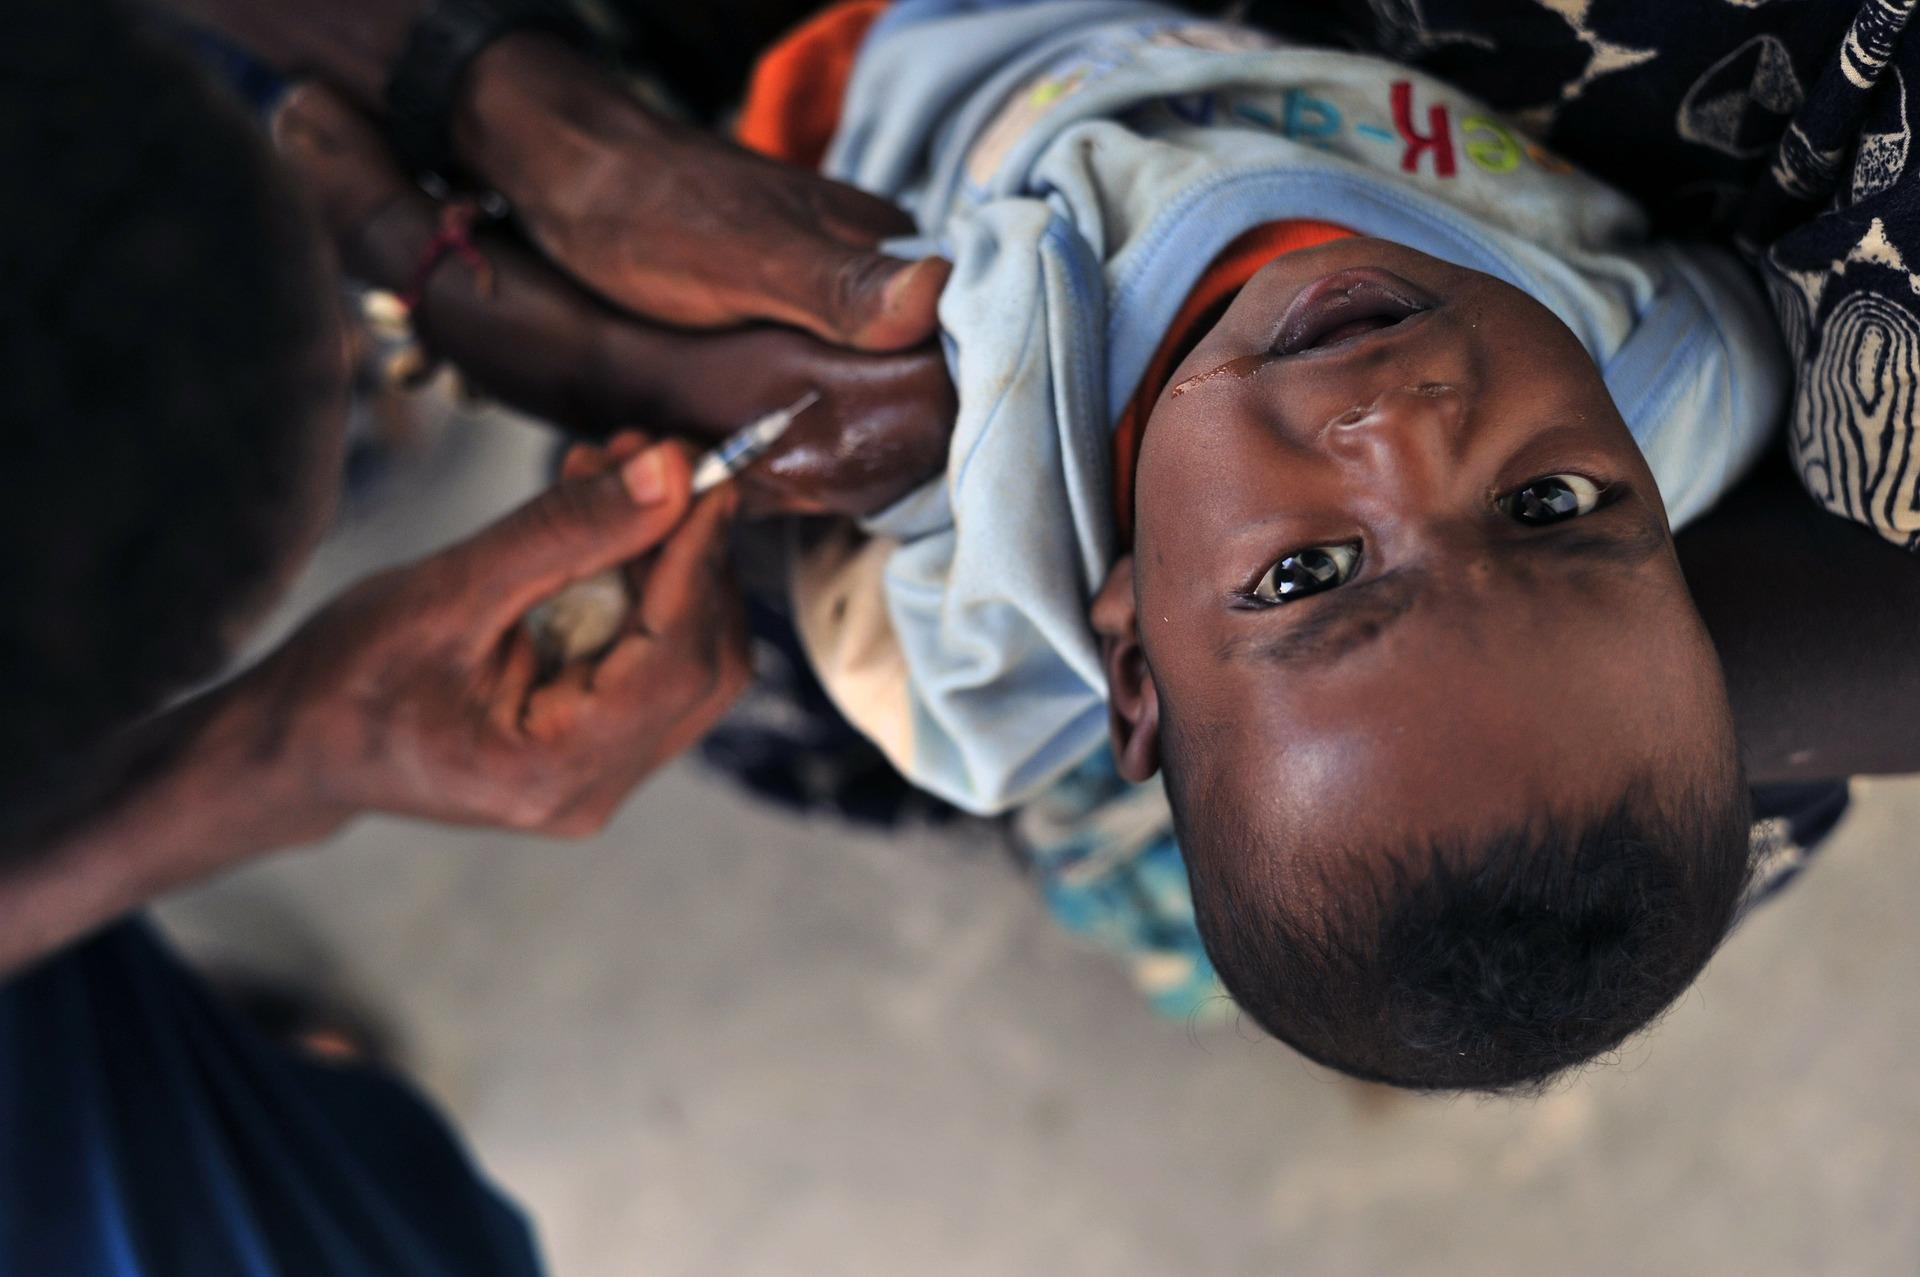 Szczepionki dla dzieci do końca roku?